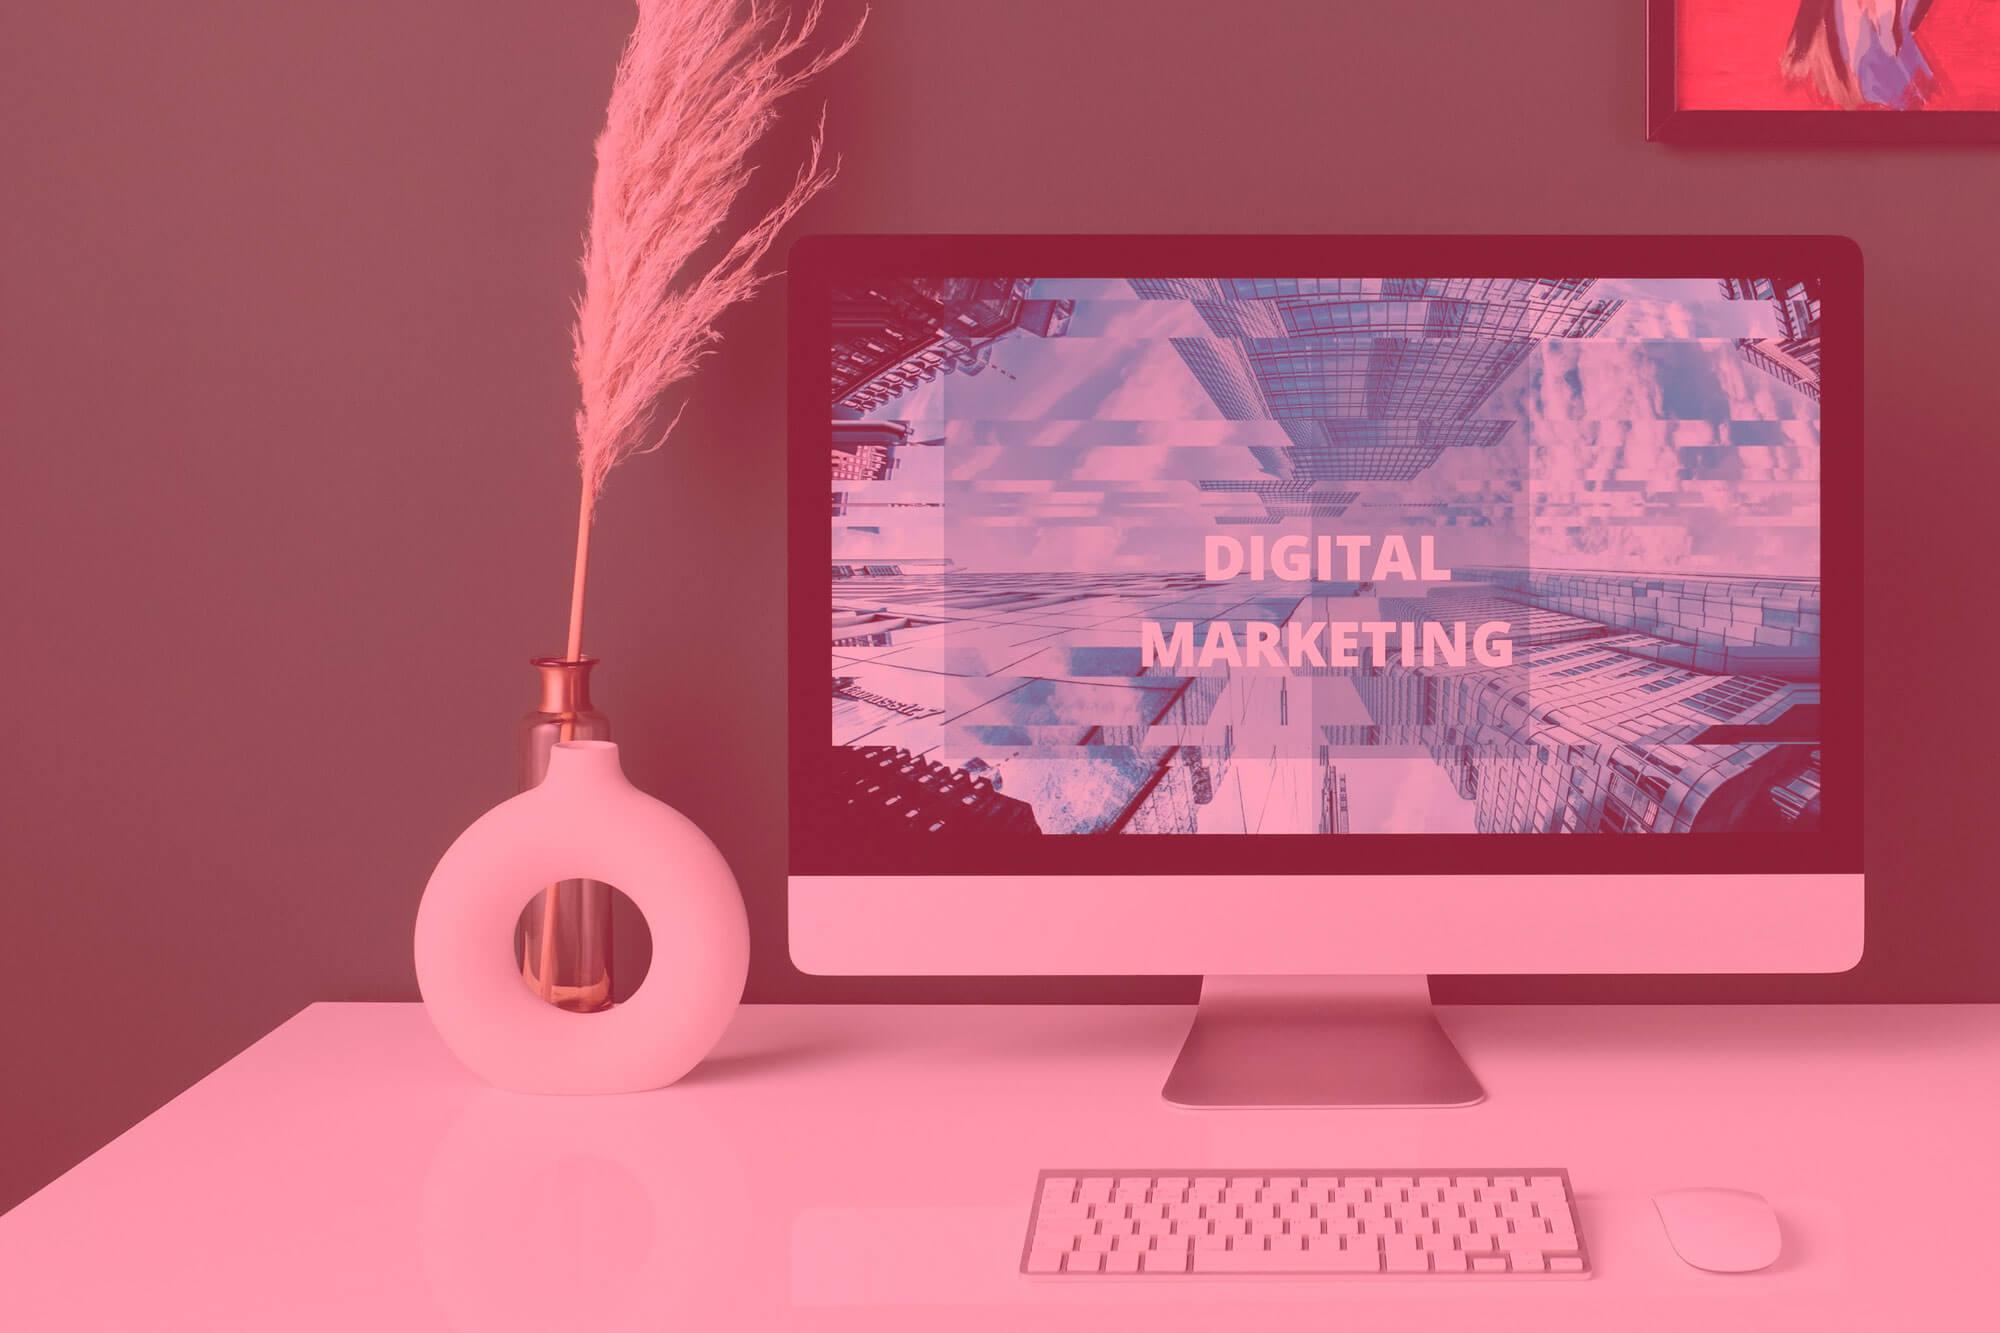 Monella toimialalla digitaalinen markkinointi on nimittäin jo valmiiksi täysi välttämättömyys, eikä sen merkittävyys tule ainakaan vähenemään.